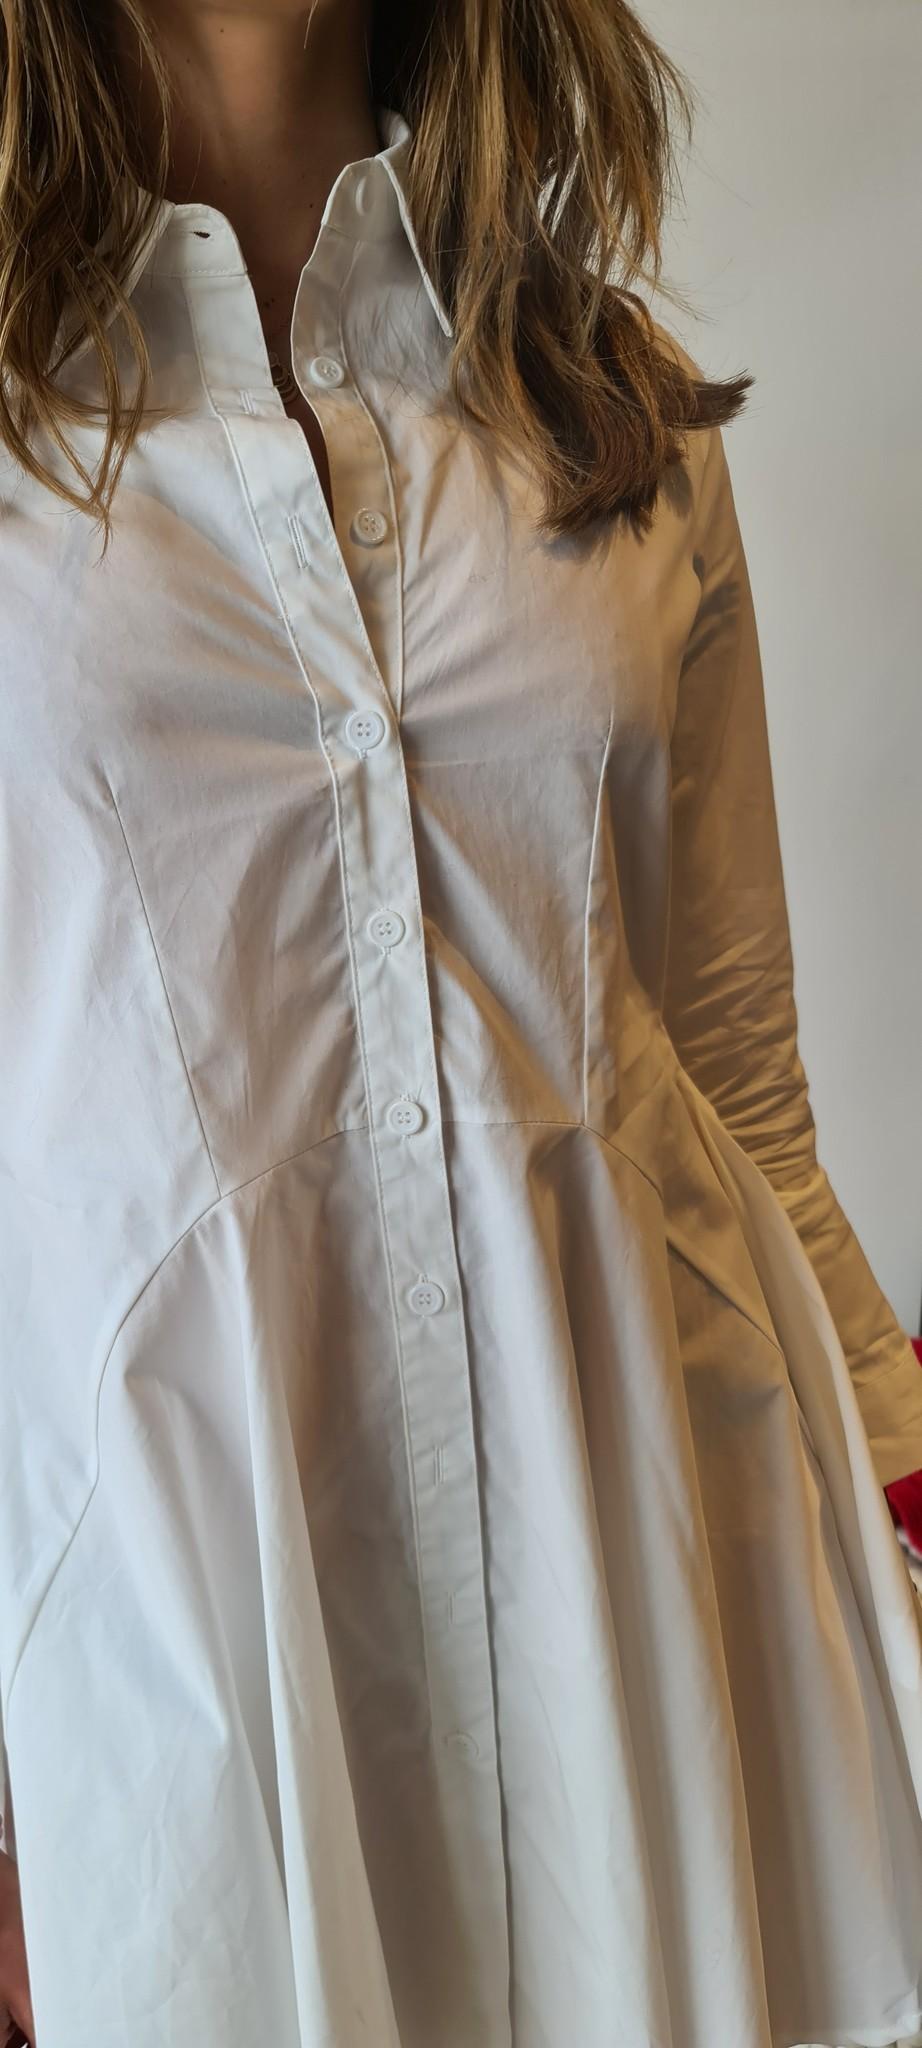 ROBIN robe-2